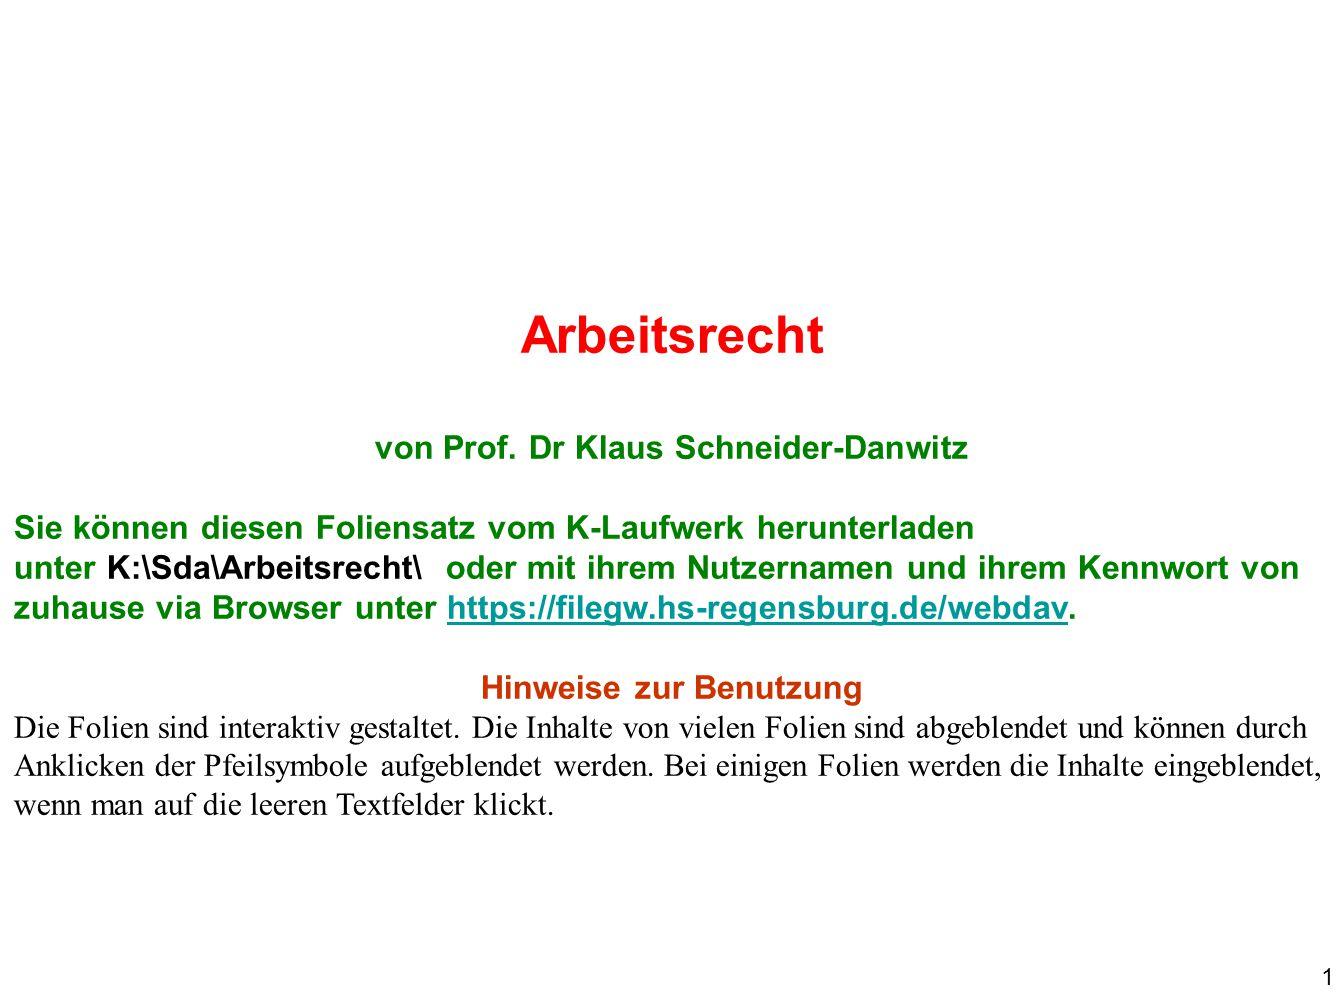 162 Protestanten in Deutschland Quelle: EBK, 2012, S. 7